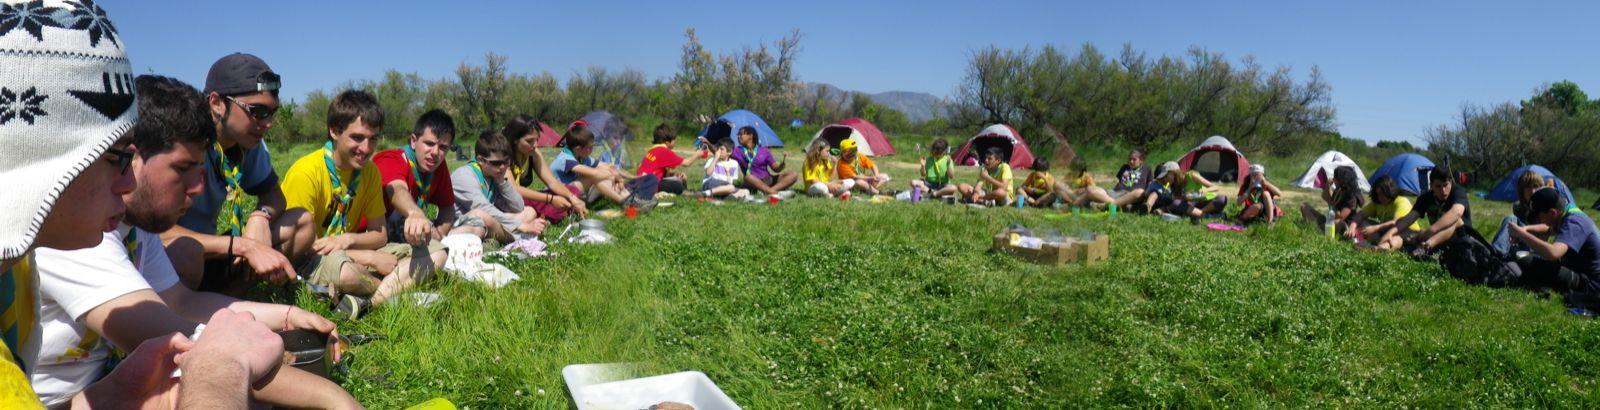 Campaments de Primavera de tot lAgrupament 2011 - IMGP0548.JPG